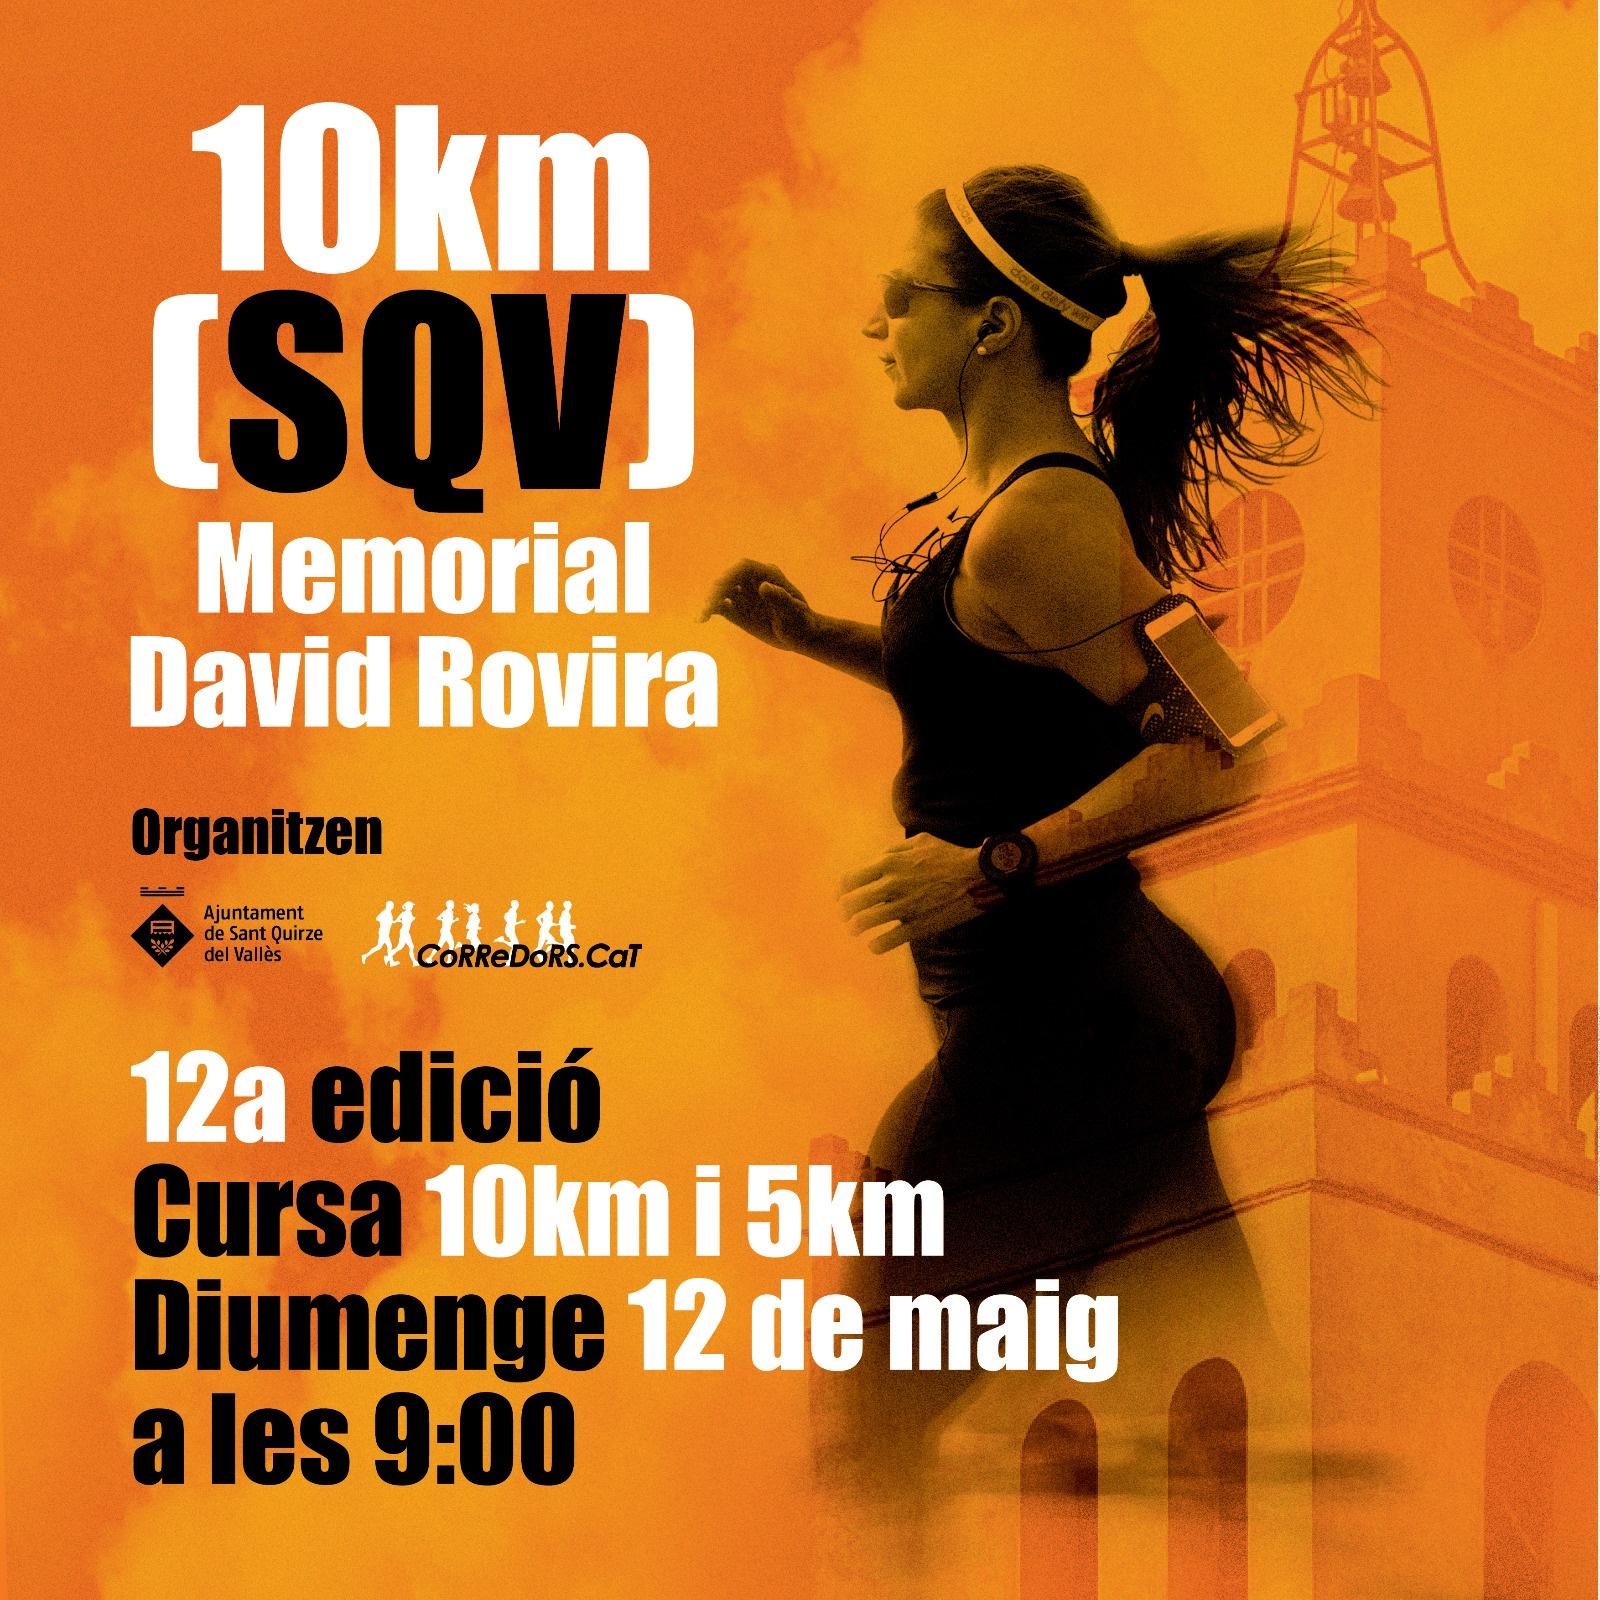 10km Sant Quirze del Vallès